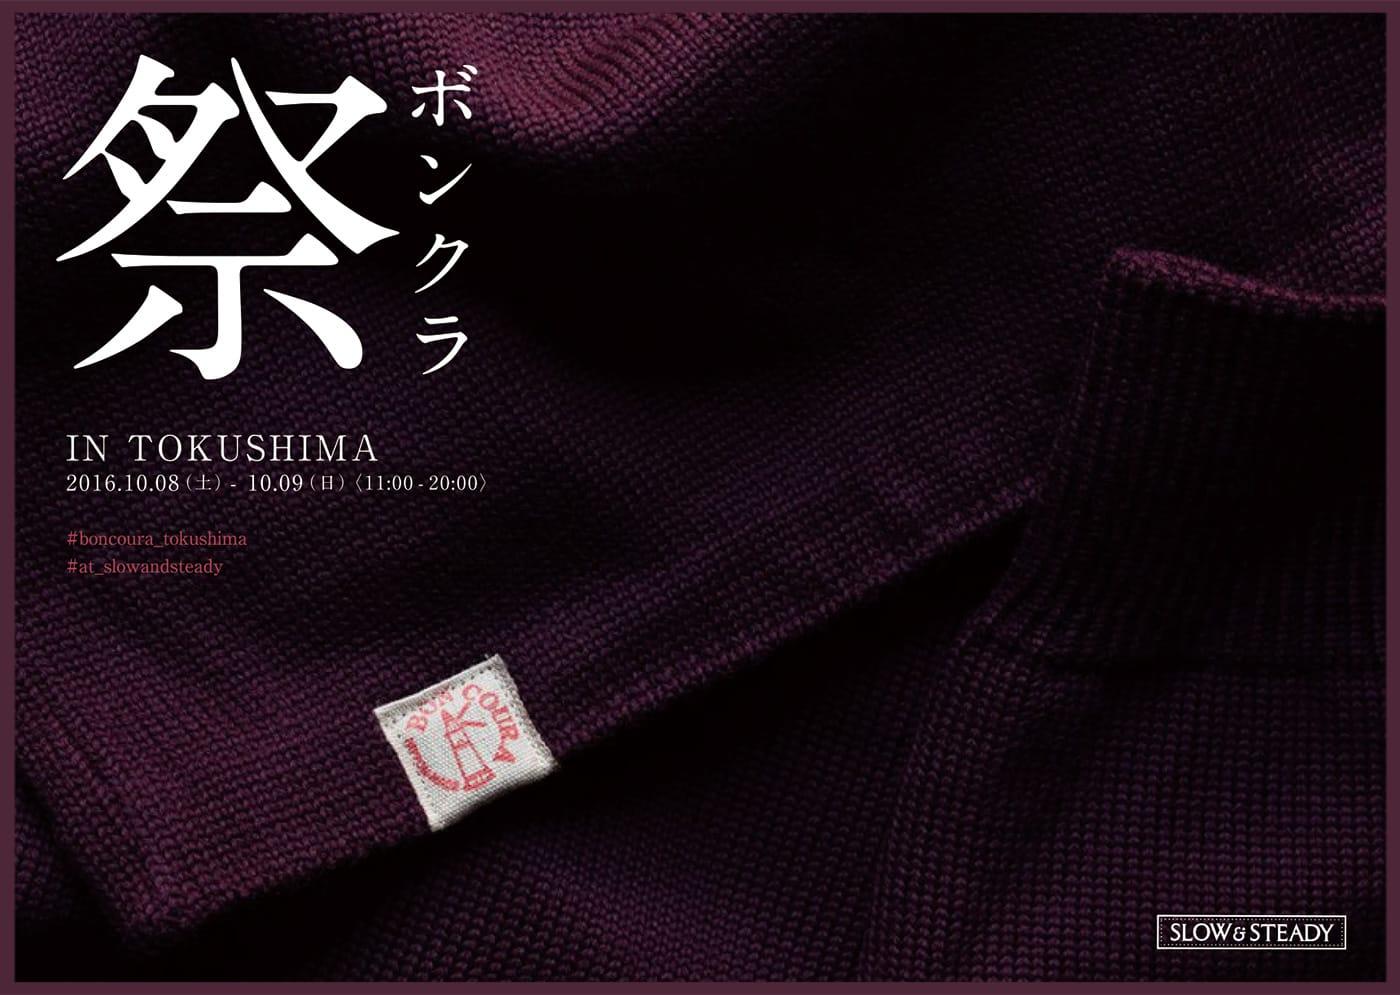 「ボンクラ祭」IN TOKUSHIMA 開催のお知らせ